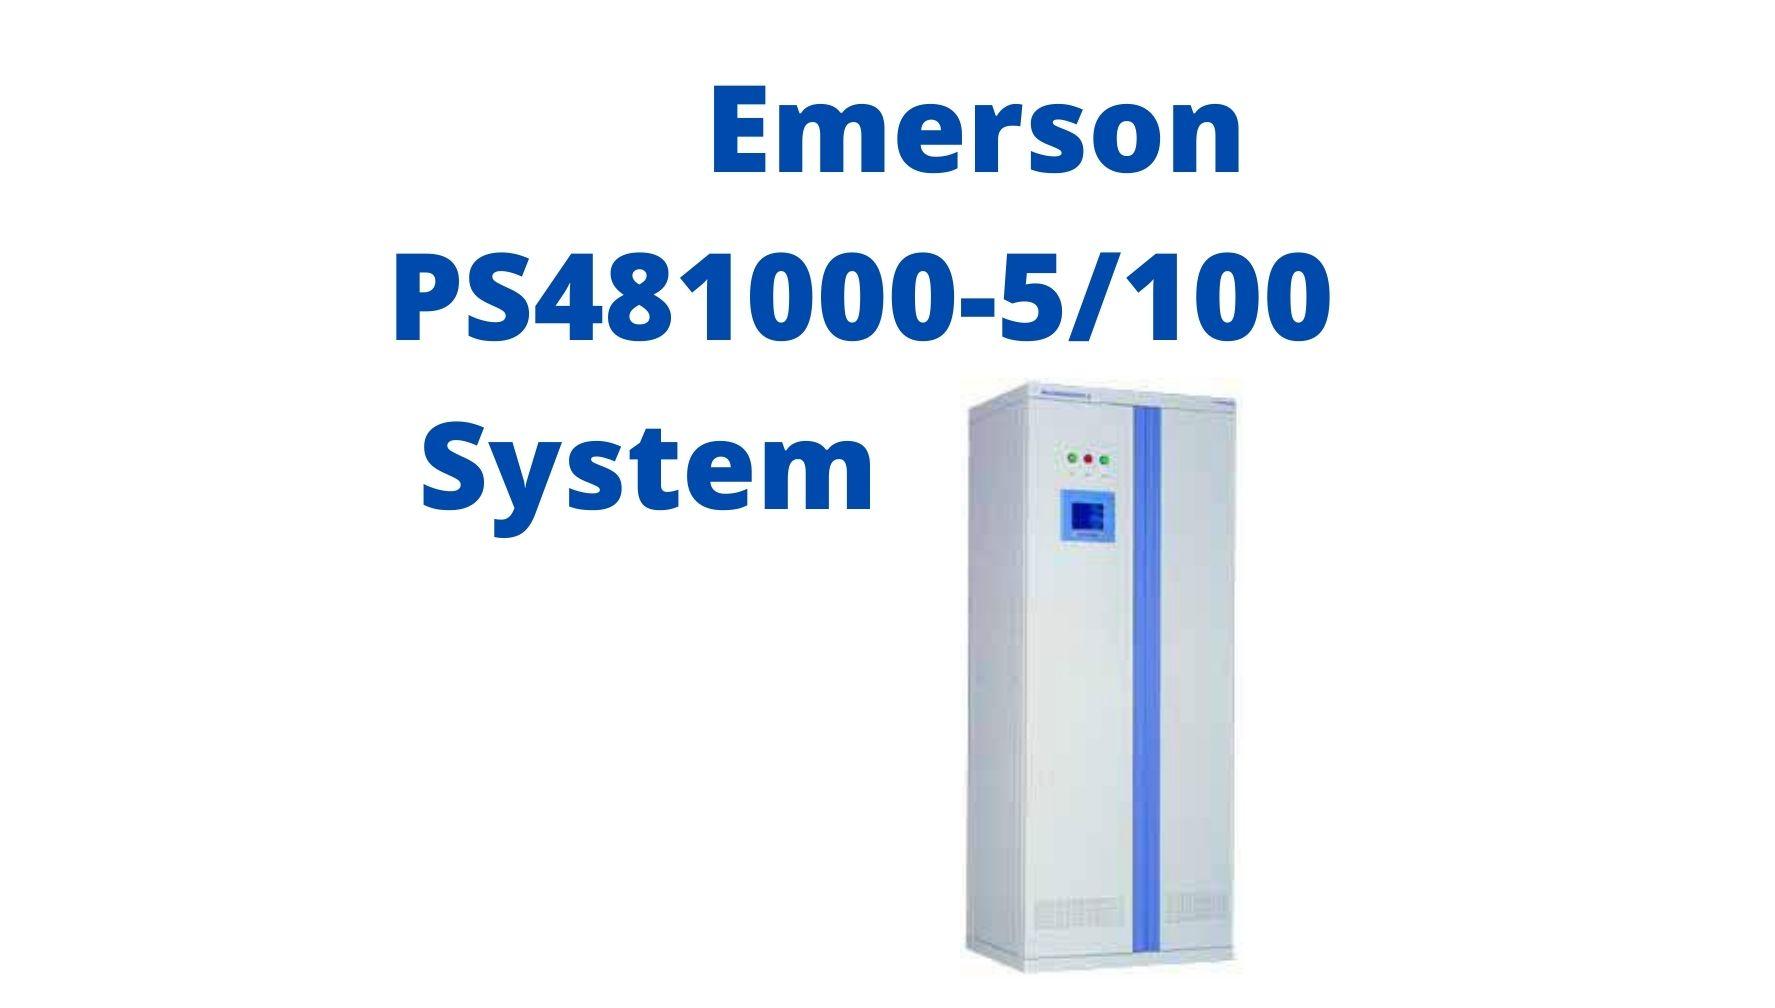 Emerson PS48100